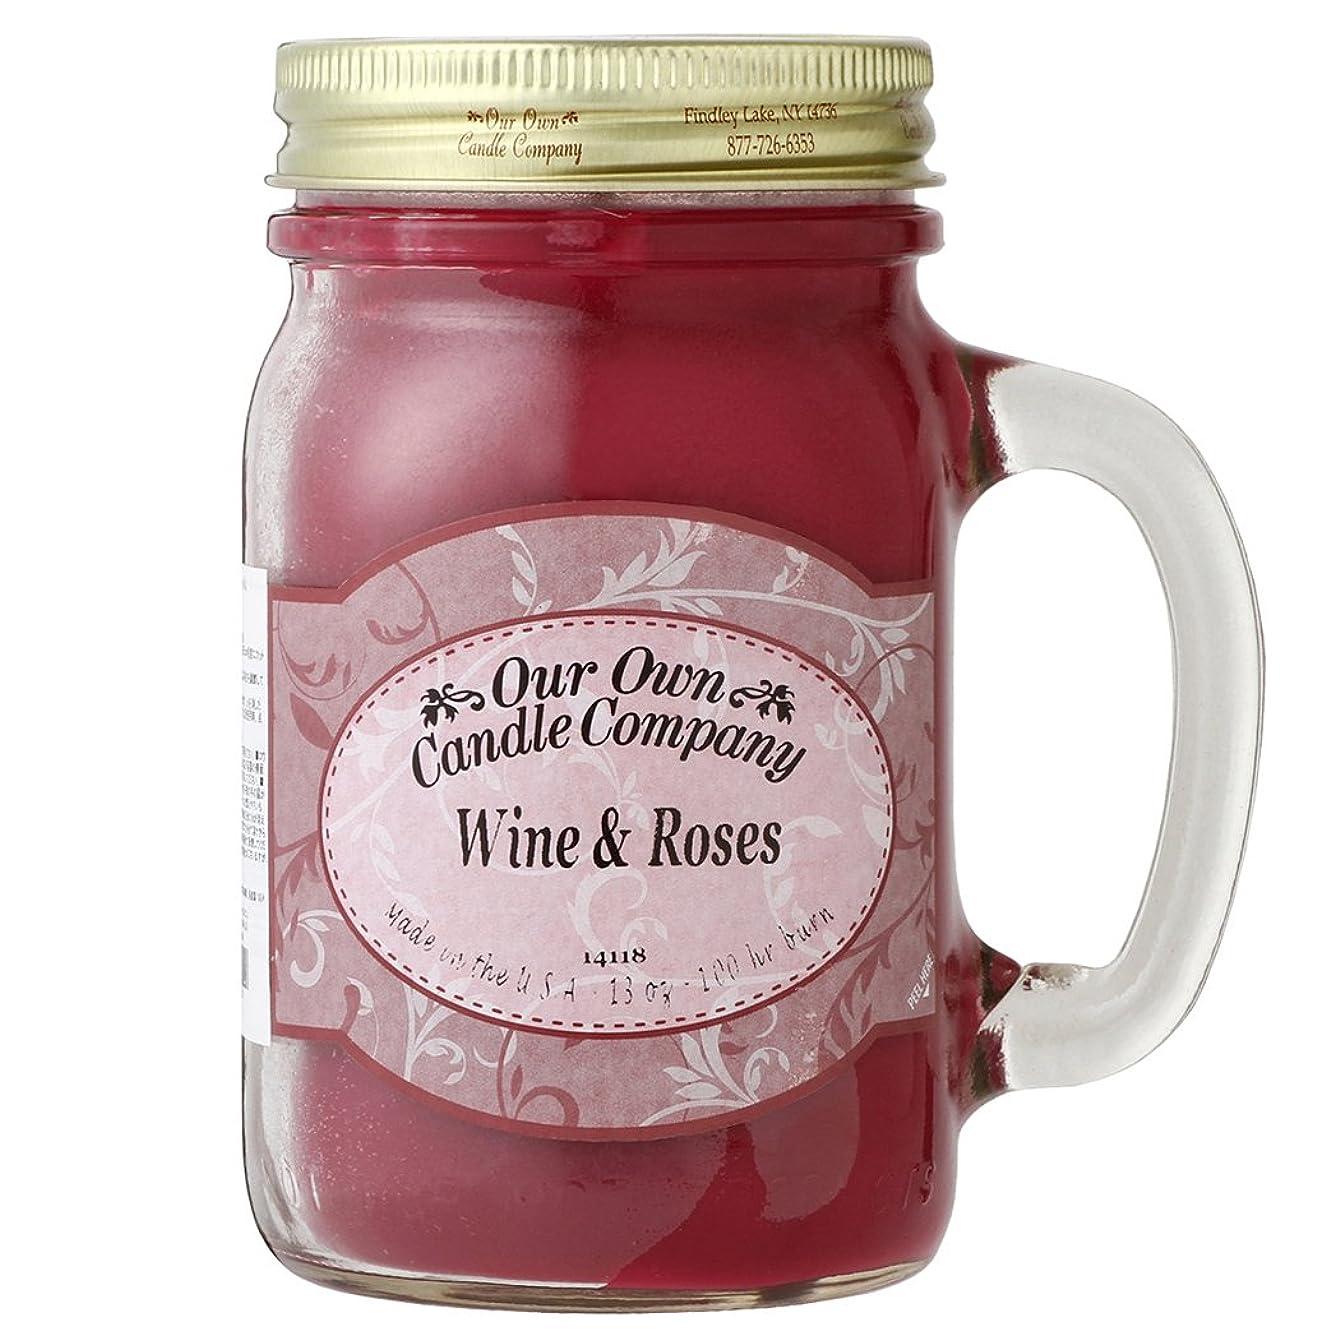 魅惑的な乱闘不利益Our Own Candle Company メイソンジャーキャンドル ラージサイズ ワイン&ローズ OU100129